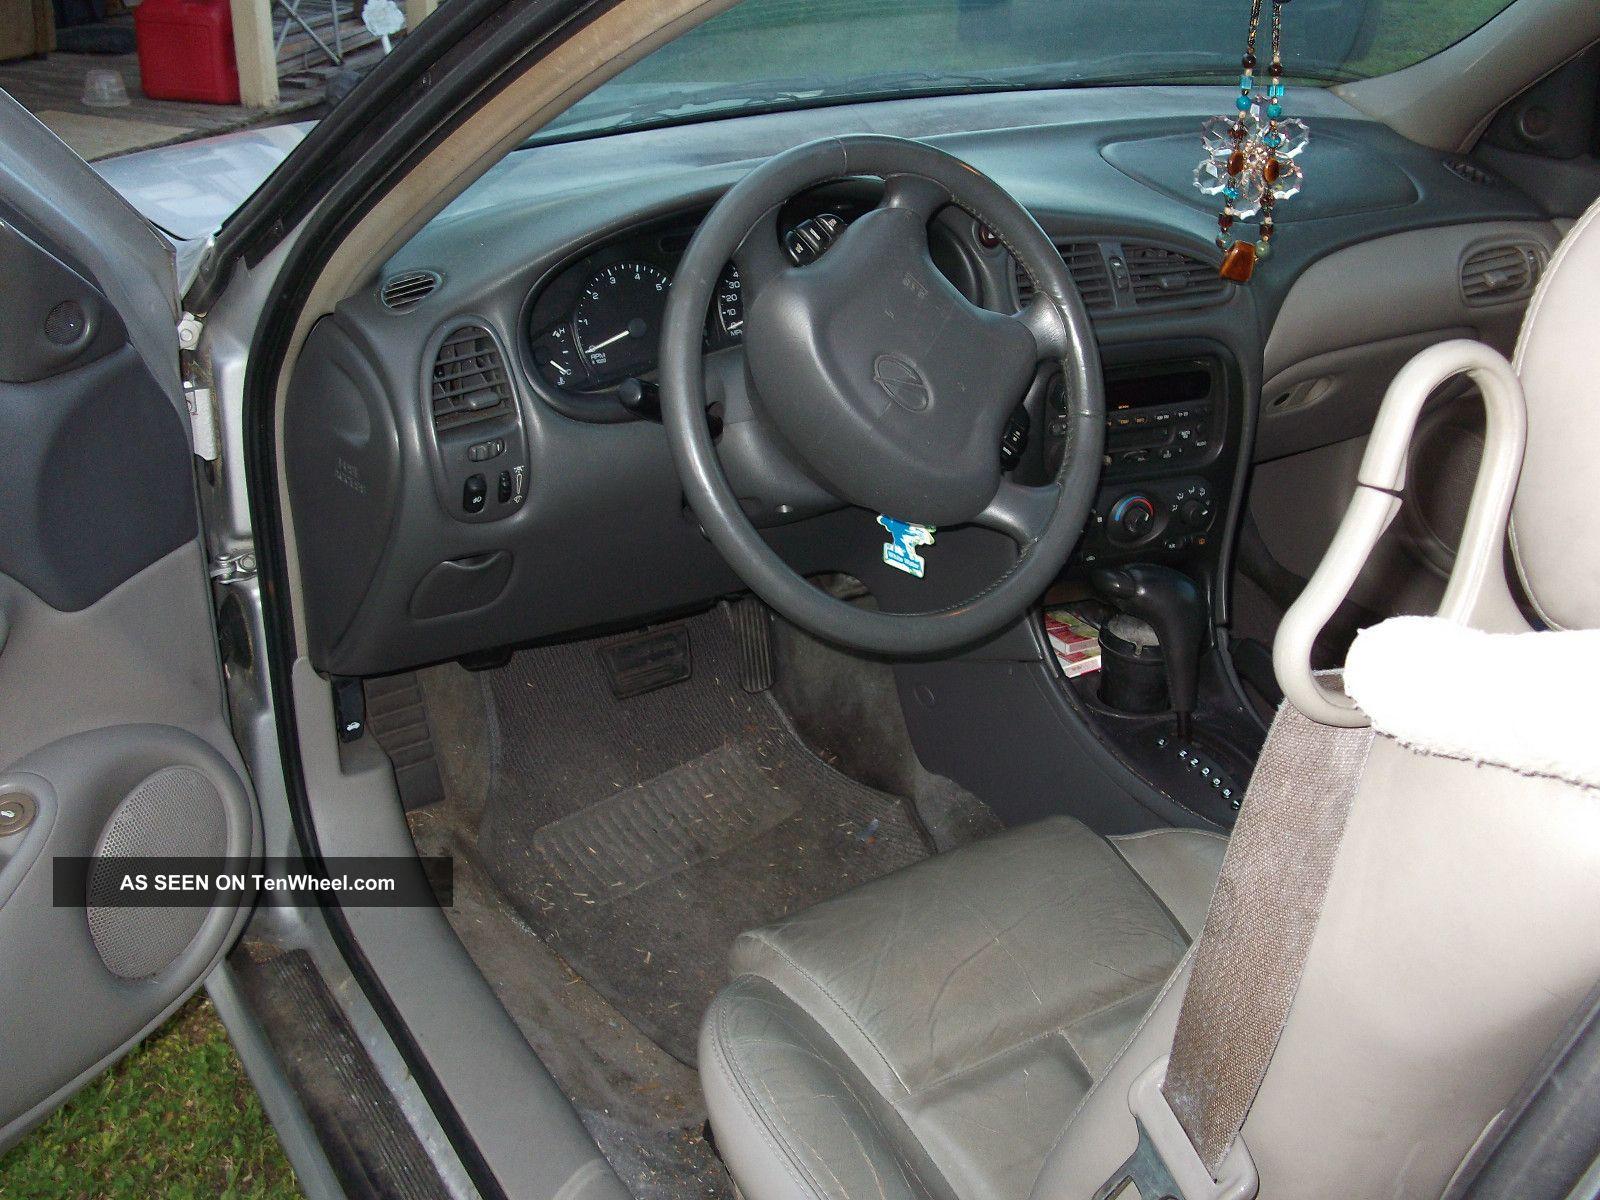 2001 oldsmobile alero 2 door tenwheel